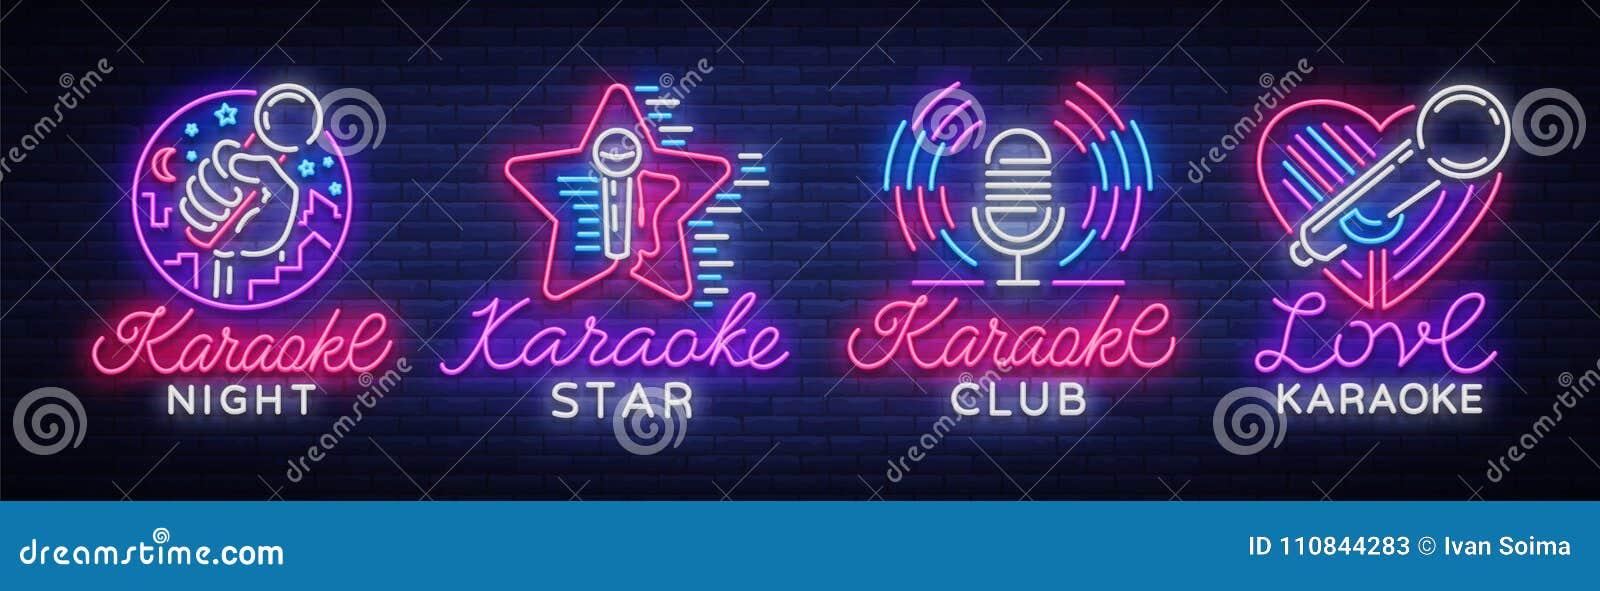 Grupo do karaoke dos sinais de néon A coleção é um logotipo claro, um símbolo, uma bandeira clara Anunciando a barra brilhante do